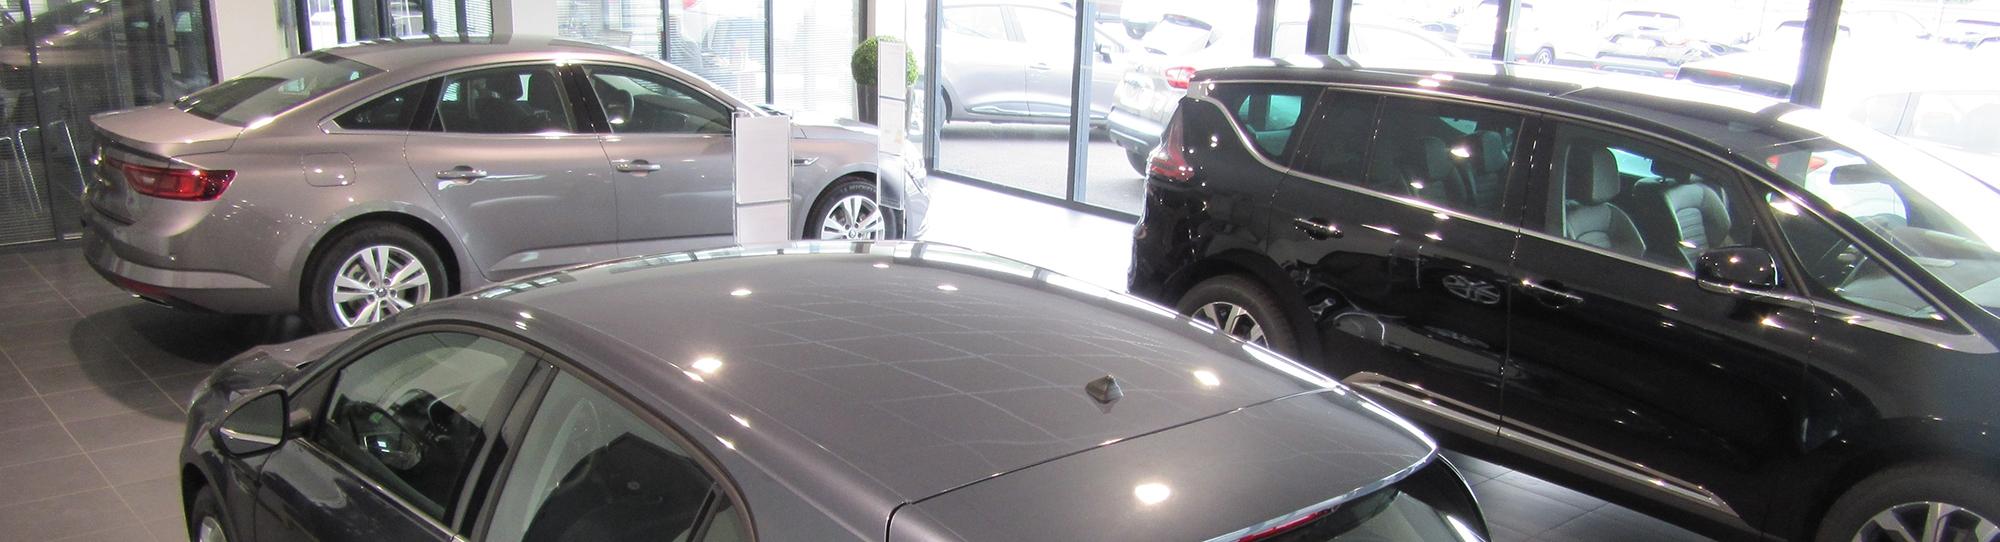 michel gilbert automobiles sas vente de voiture d. Black Bedroom Furniture Sets. Home Design Ideas